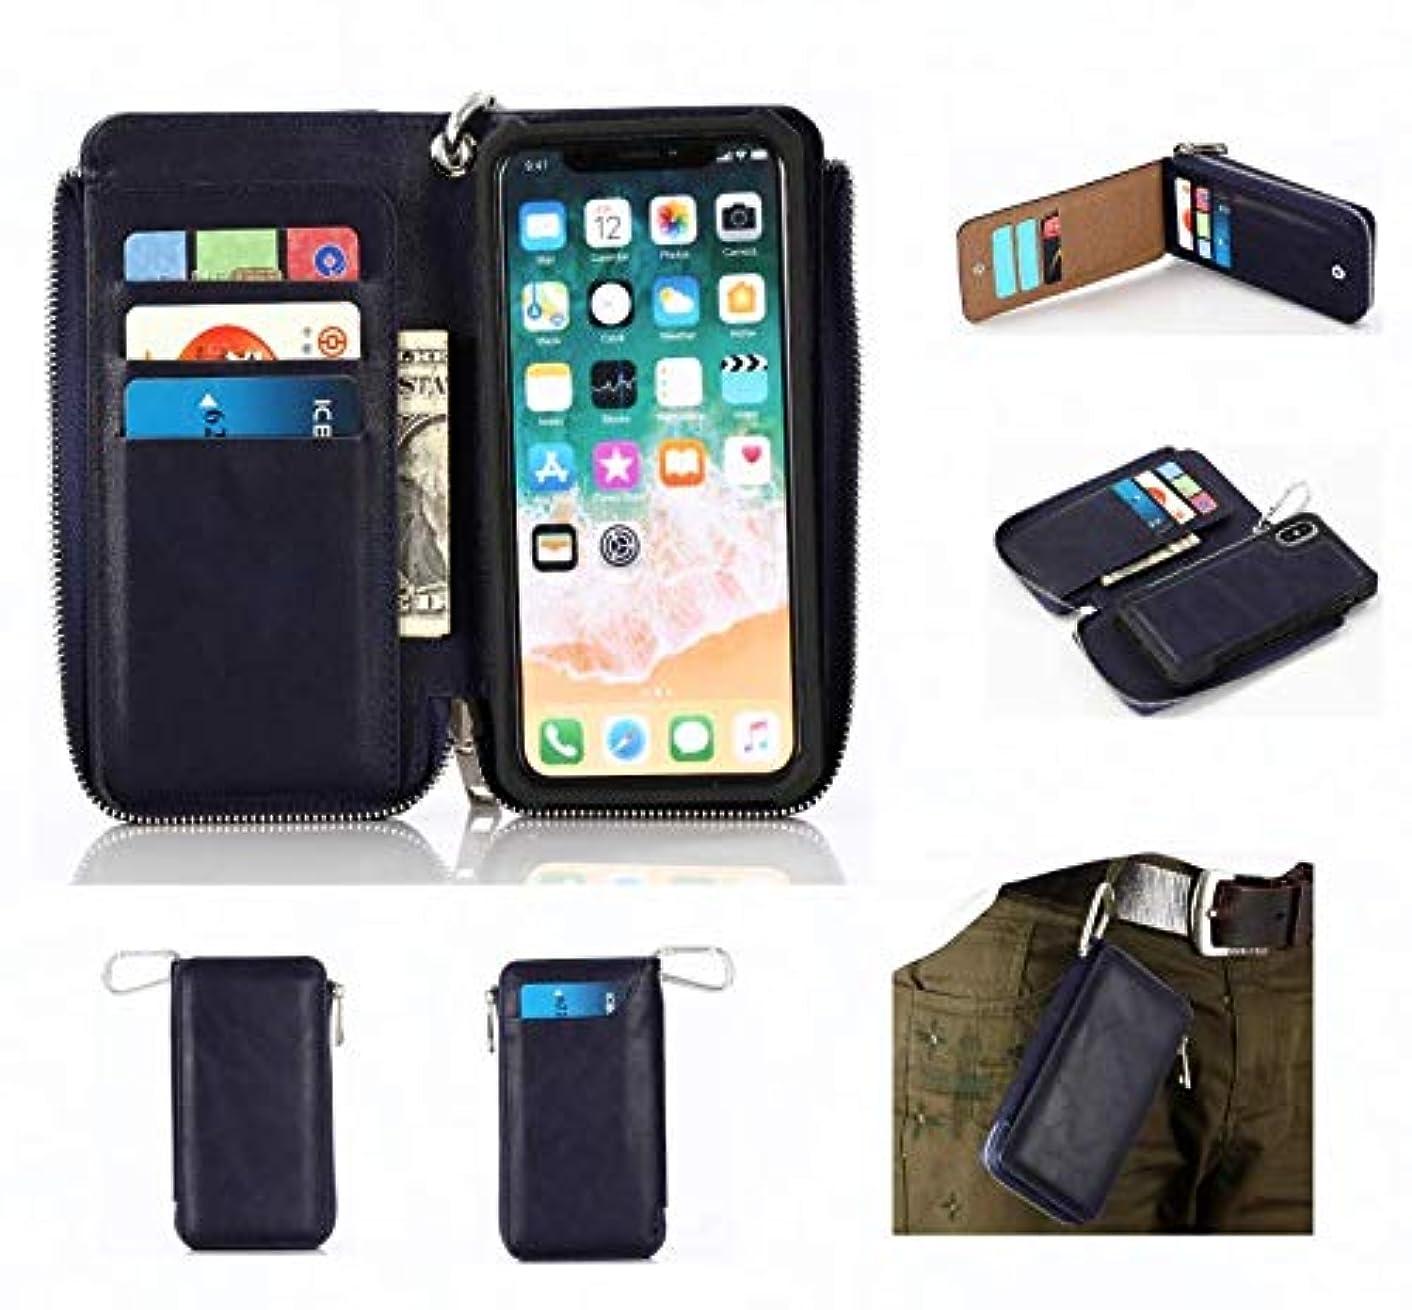 ロケットコインランドリーアッティカスiPhone Xジッパー財布、iPhone XS携帯ポケット、メンズベルトベルトバッグ、金属リング、10個のカードスロット、キャッシュスロット、ボタンロックポケット、取り外し可能なスリムプロテクター、磁気カーラック